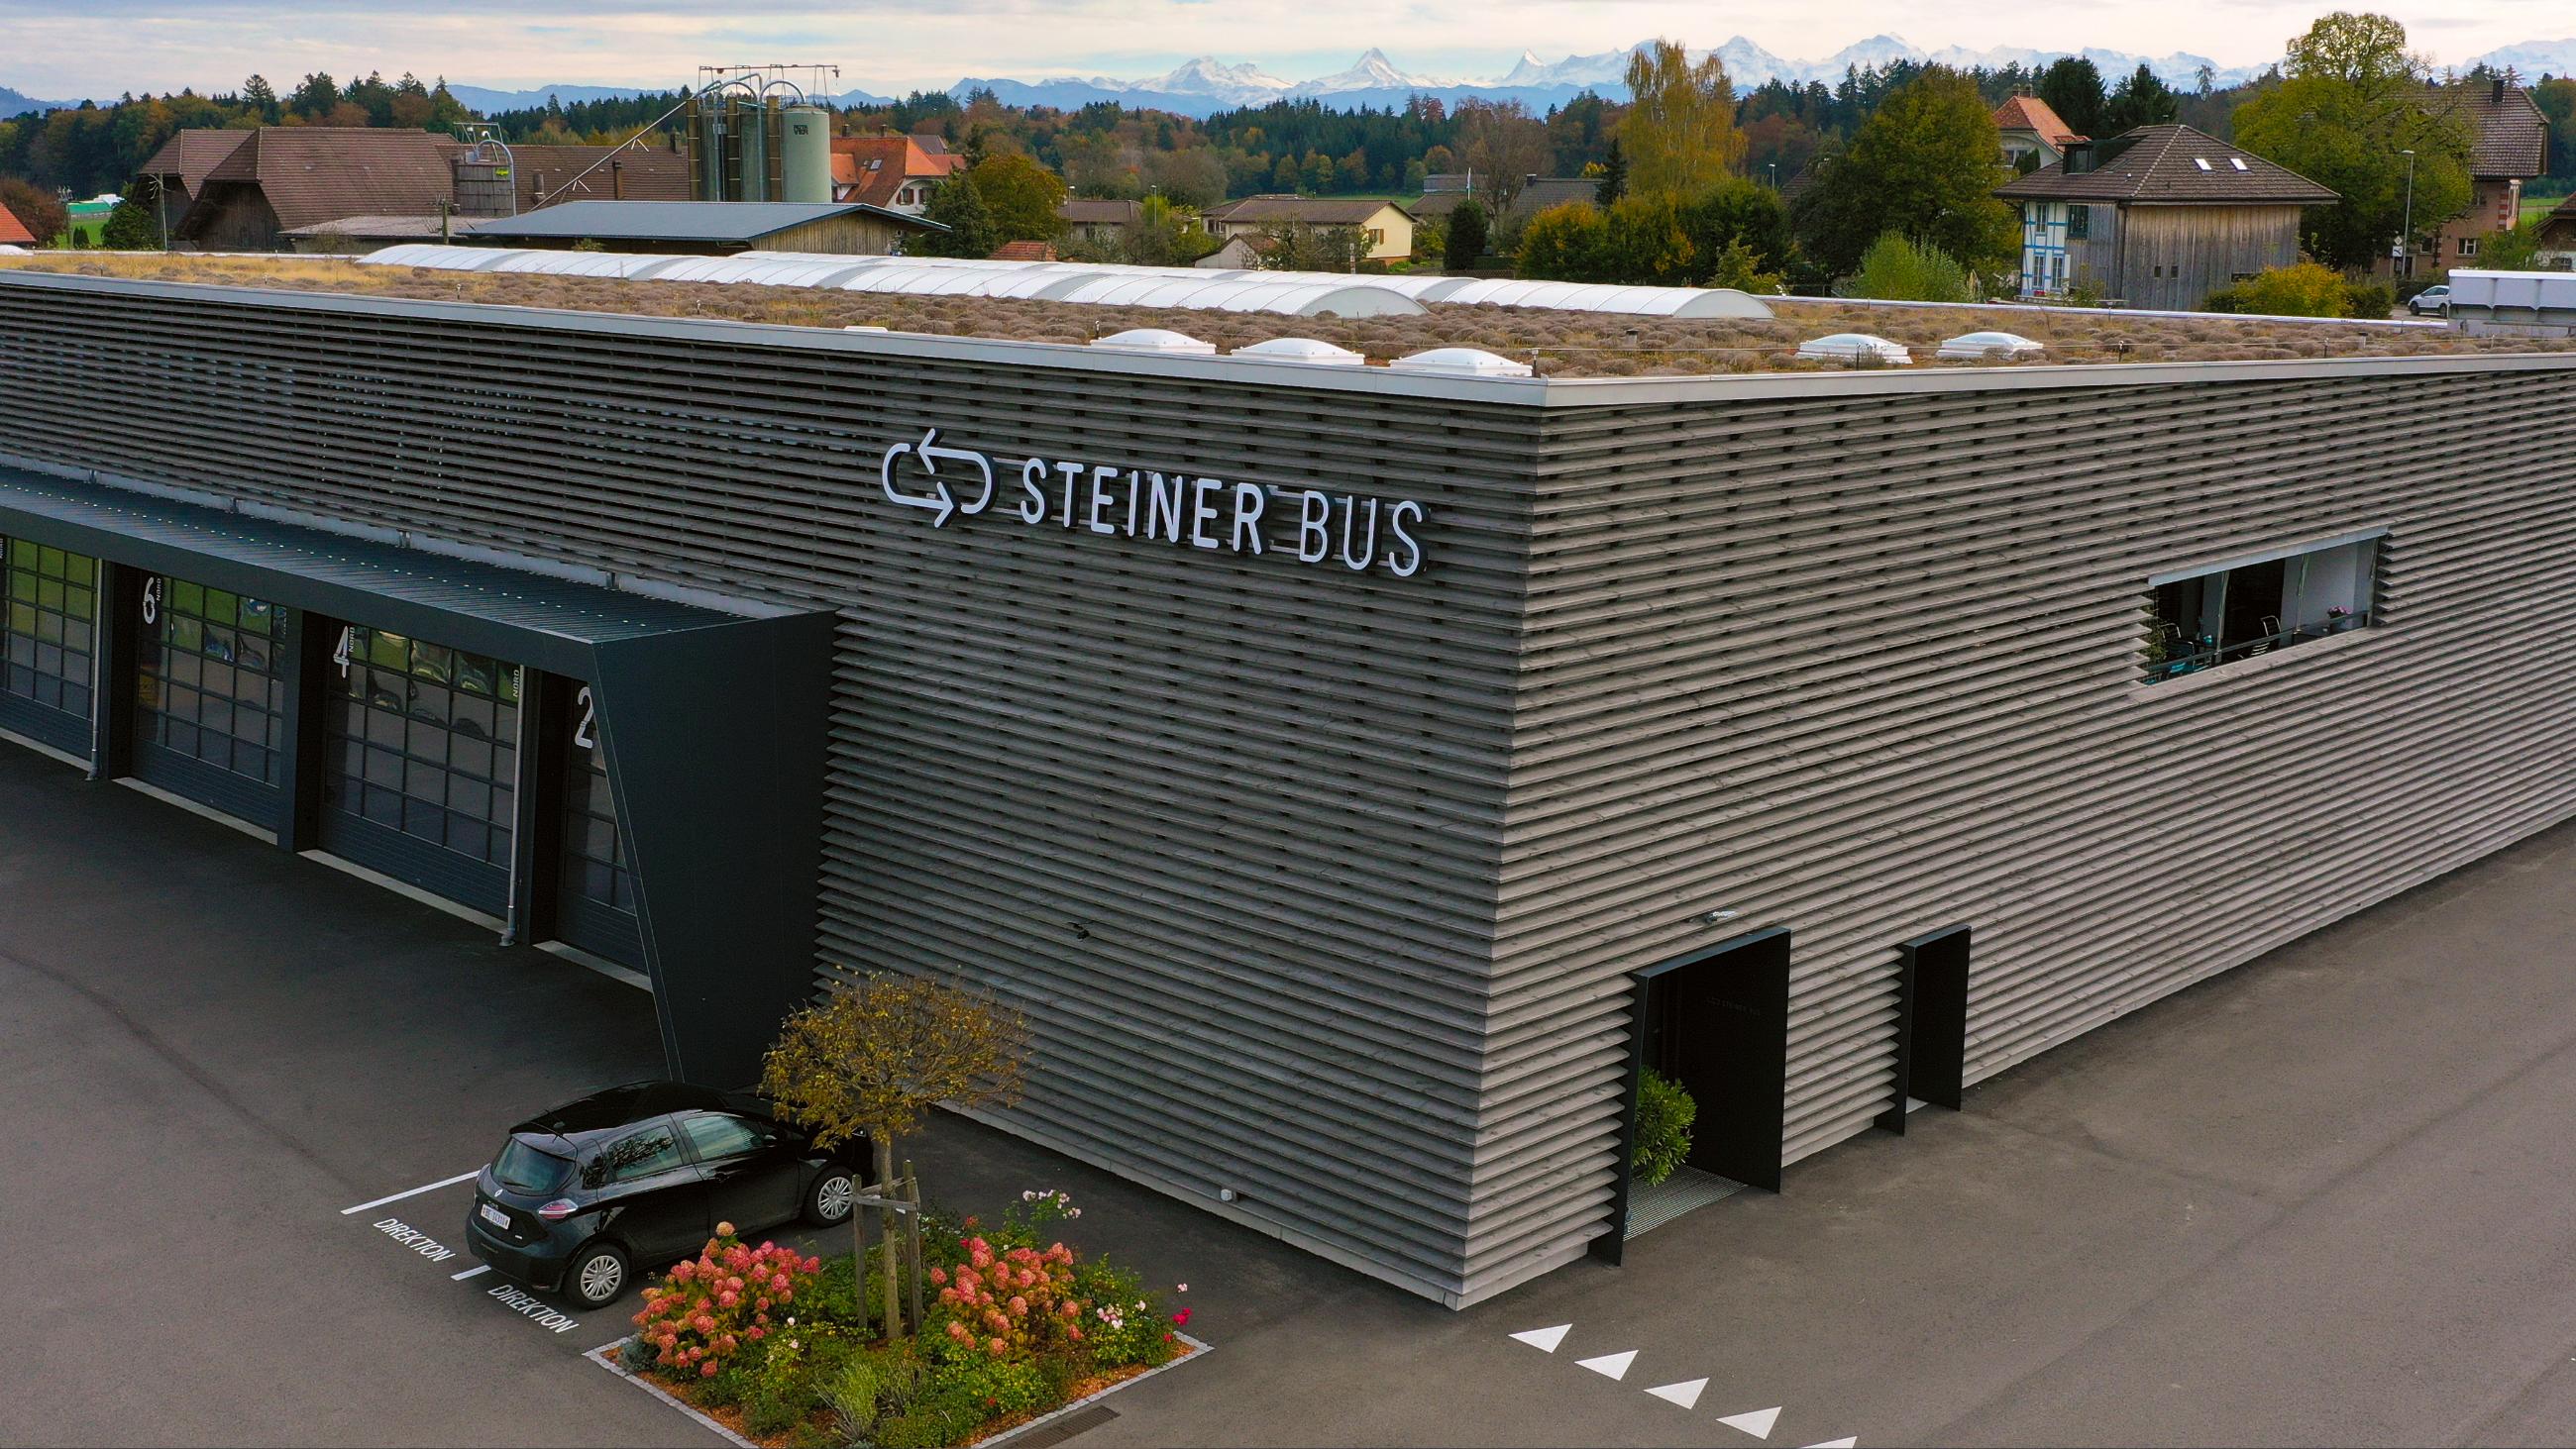 Halle Steinerbus - ONET